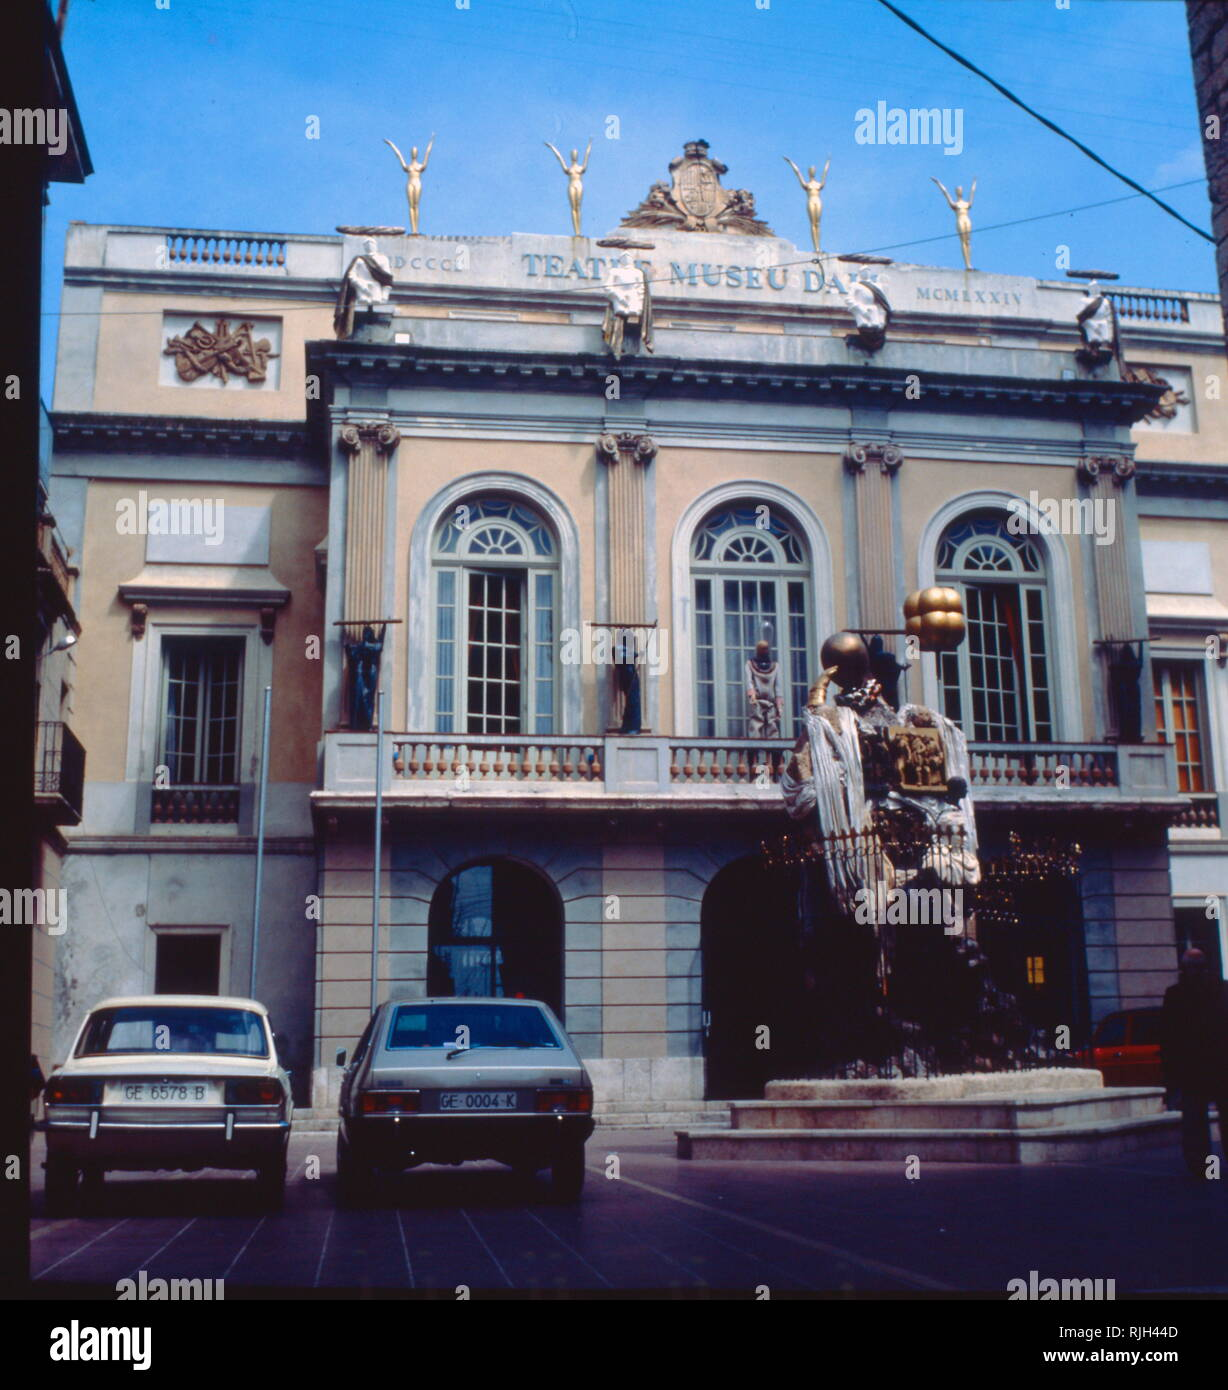 El teatro y el Museo de Salvador Dalí en su ciudad natal de Figueres, en Cataluña, España. Salvador Dalí (1904 - 1989), fue un pintor surrealista español Imagen De Stock